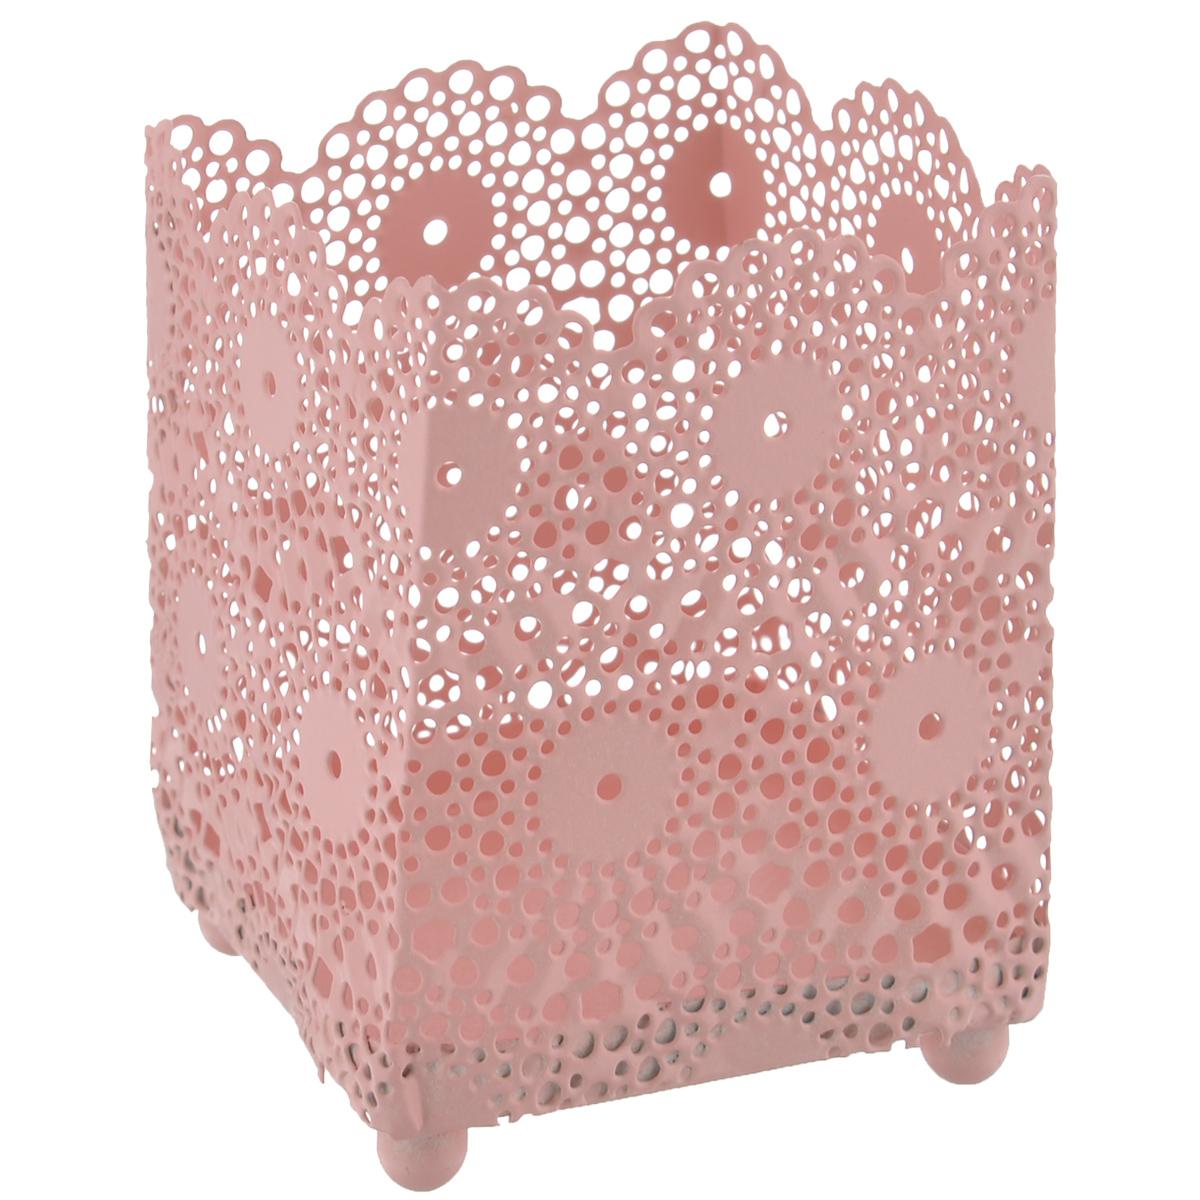 Подсвечник Blossom Line Кружево, цвет: нежно-персиковый, 6,5 х 6,5 х 8,5 смBL0070115Оригинальный подсвечник Blossom Line Кружево изготовлен из металла и оформлен перфорацией в виде кружева. Благодаря чему в комнате при горении свечи будет создаваться особое завораживающее мерцание. Вы можете поставить подсвечник в любом понравившемся вам месте. Размер подсвечника: 6,5 см х 6,5 см. Высота подсвечника: 8,5 см.